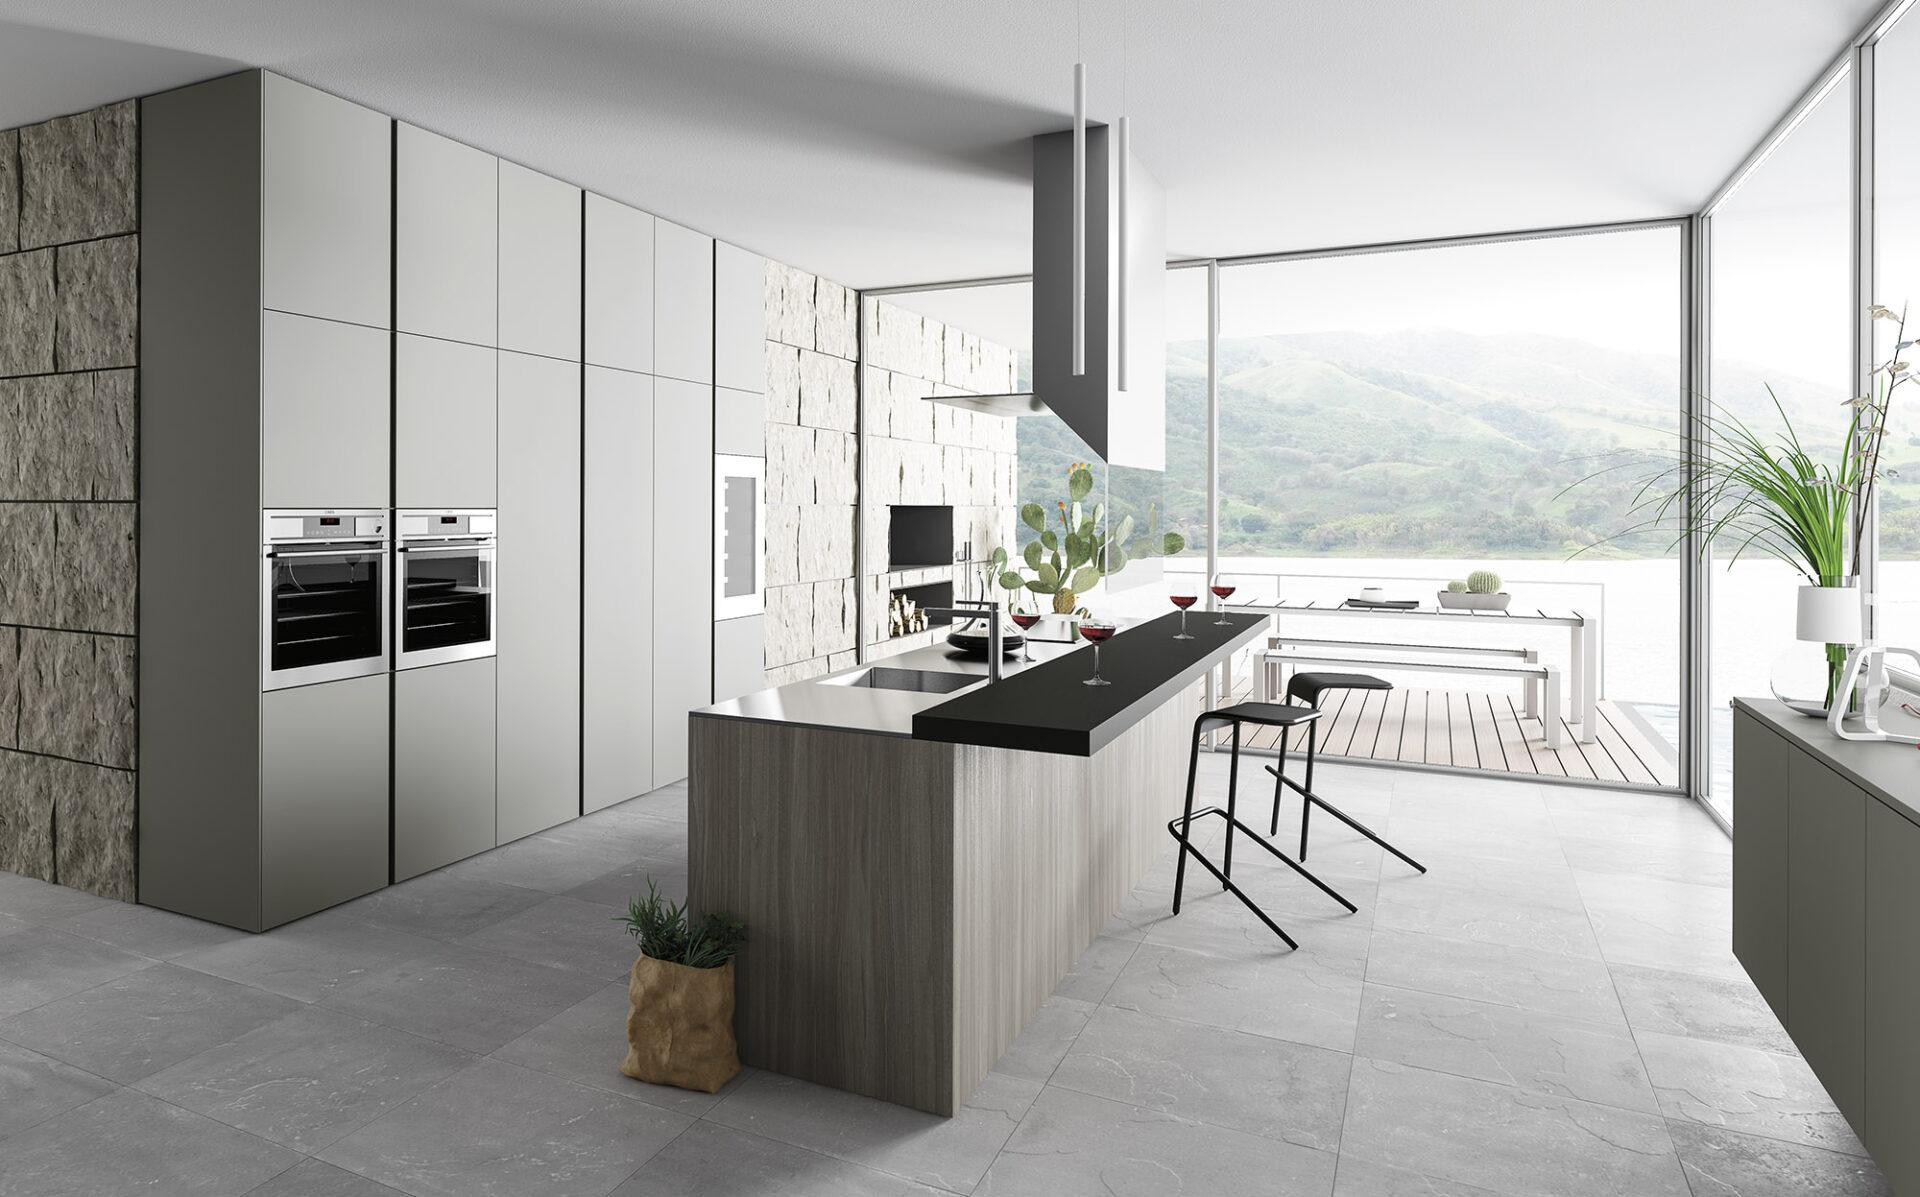 Mesons cucine torino 5 kreocasa negozio di arredamento for Cucine design torino